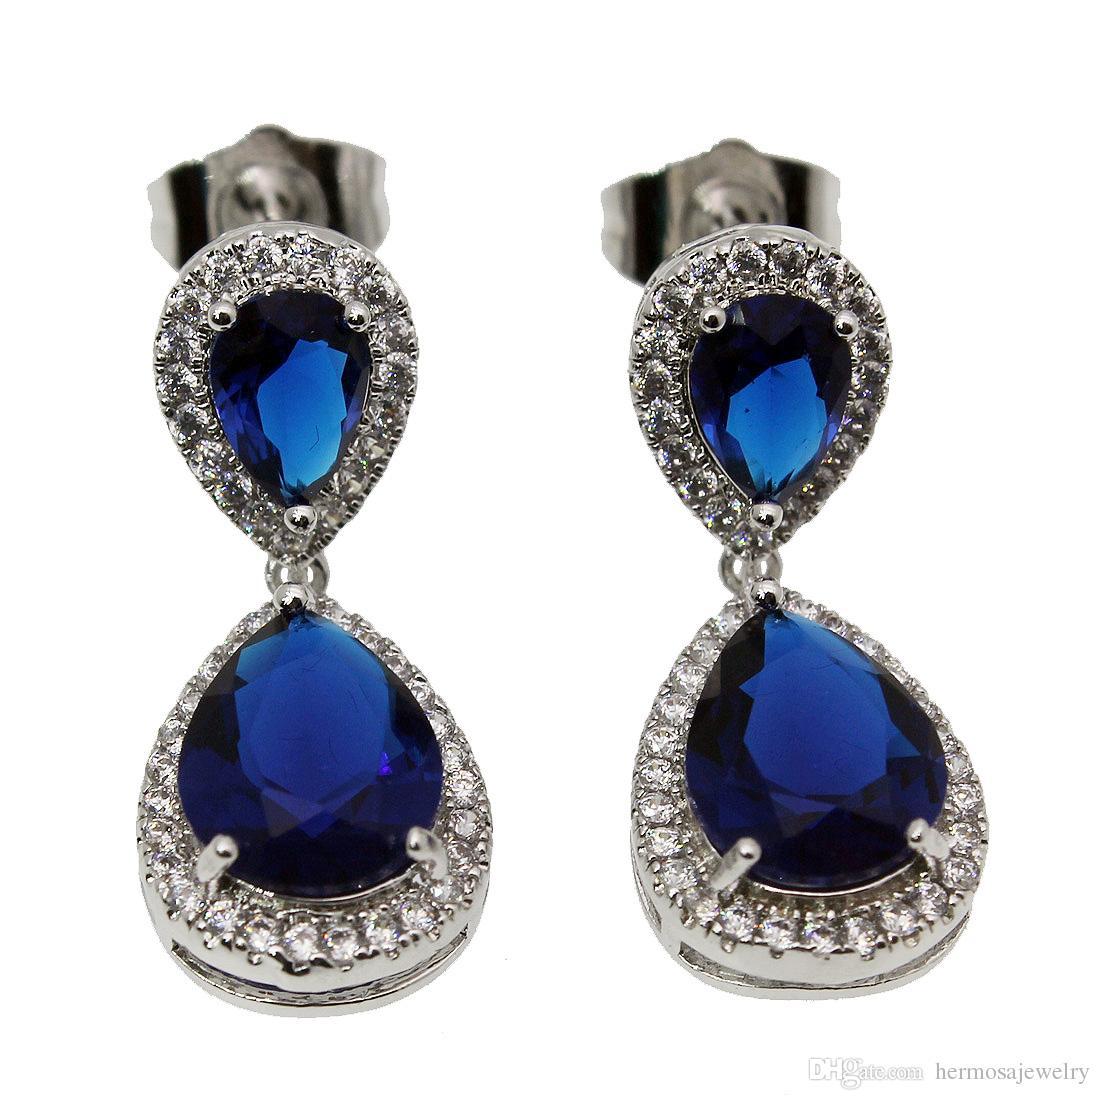 925 Sterling Silver Stud Earrings Bling Jewelry Zafiro Esmeralda Morganite Garnet White Topaz Mujeres Pendientes Teardrop Prom regalos